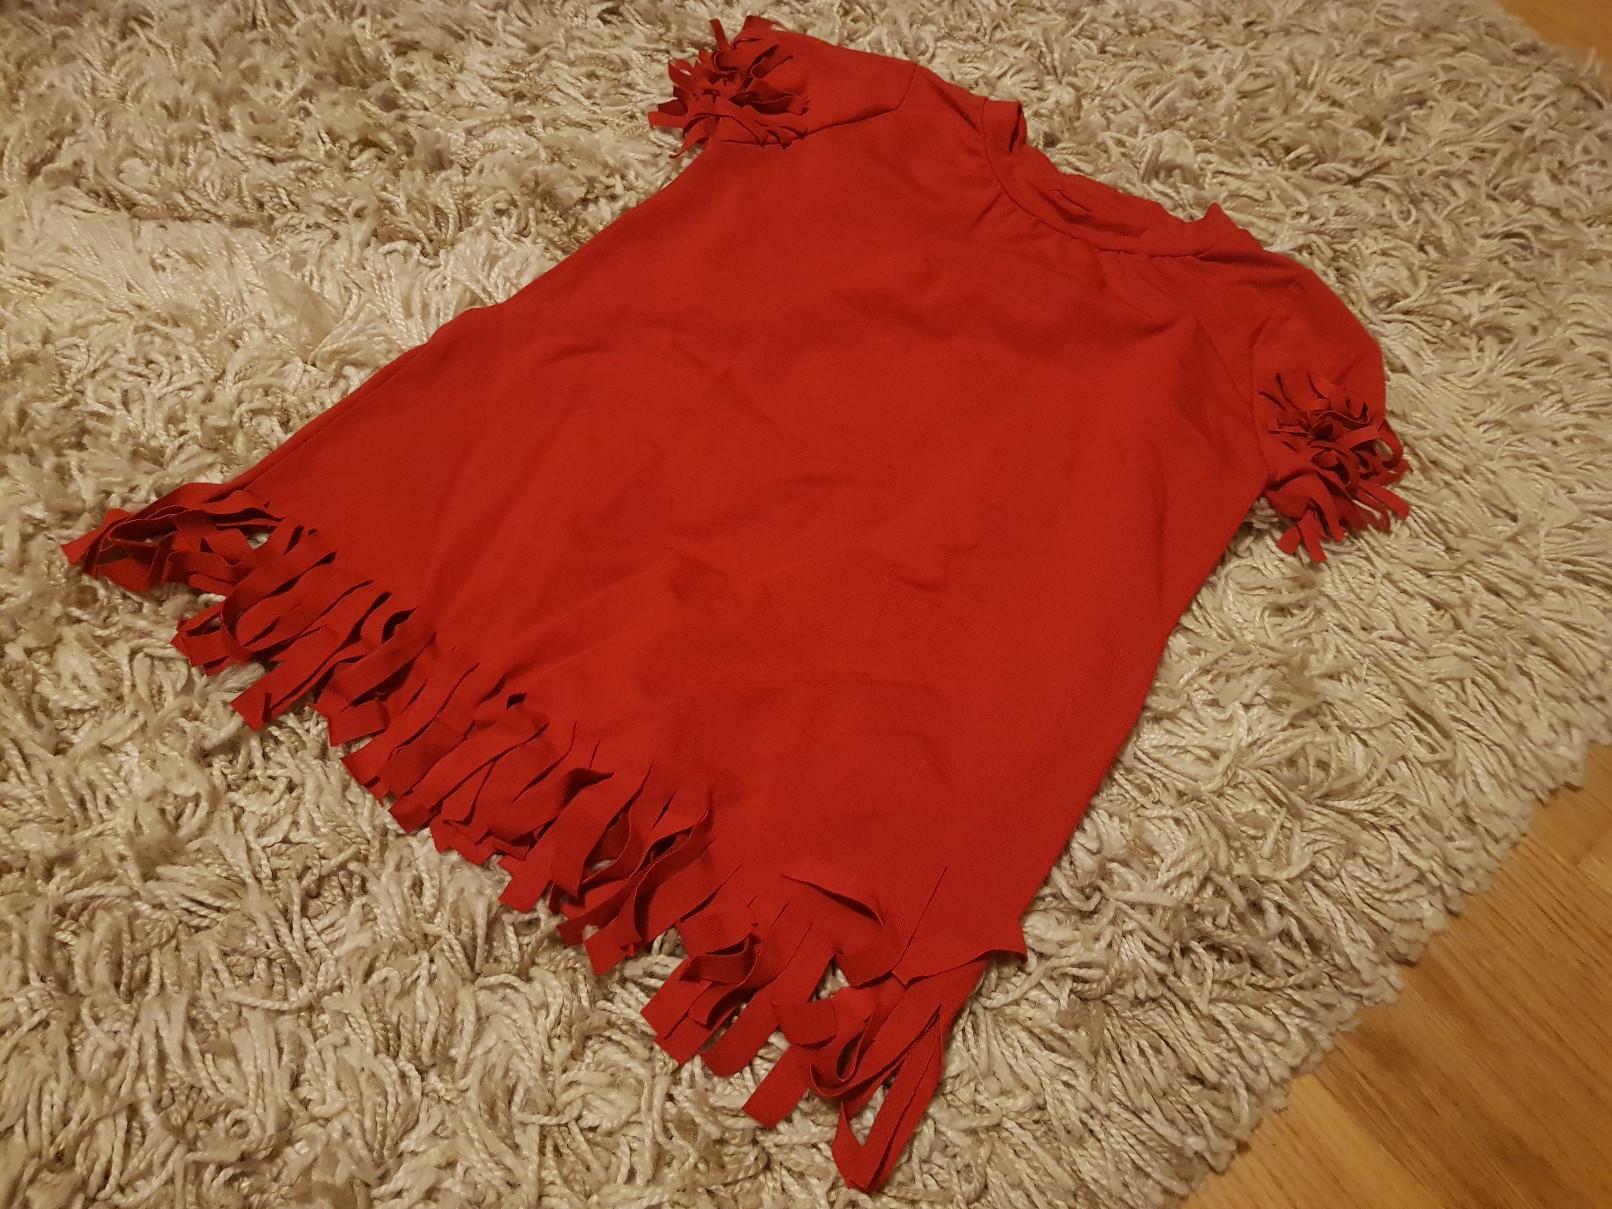 red tshirt ready